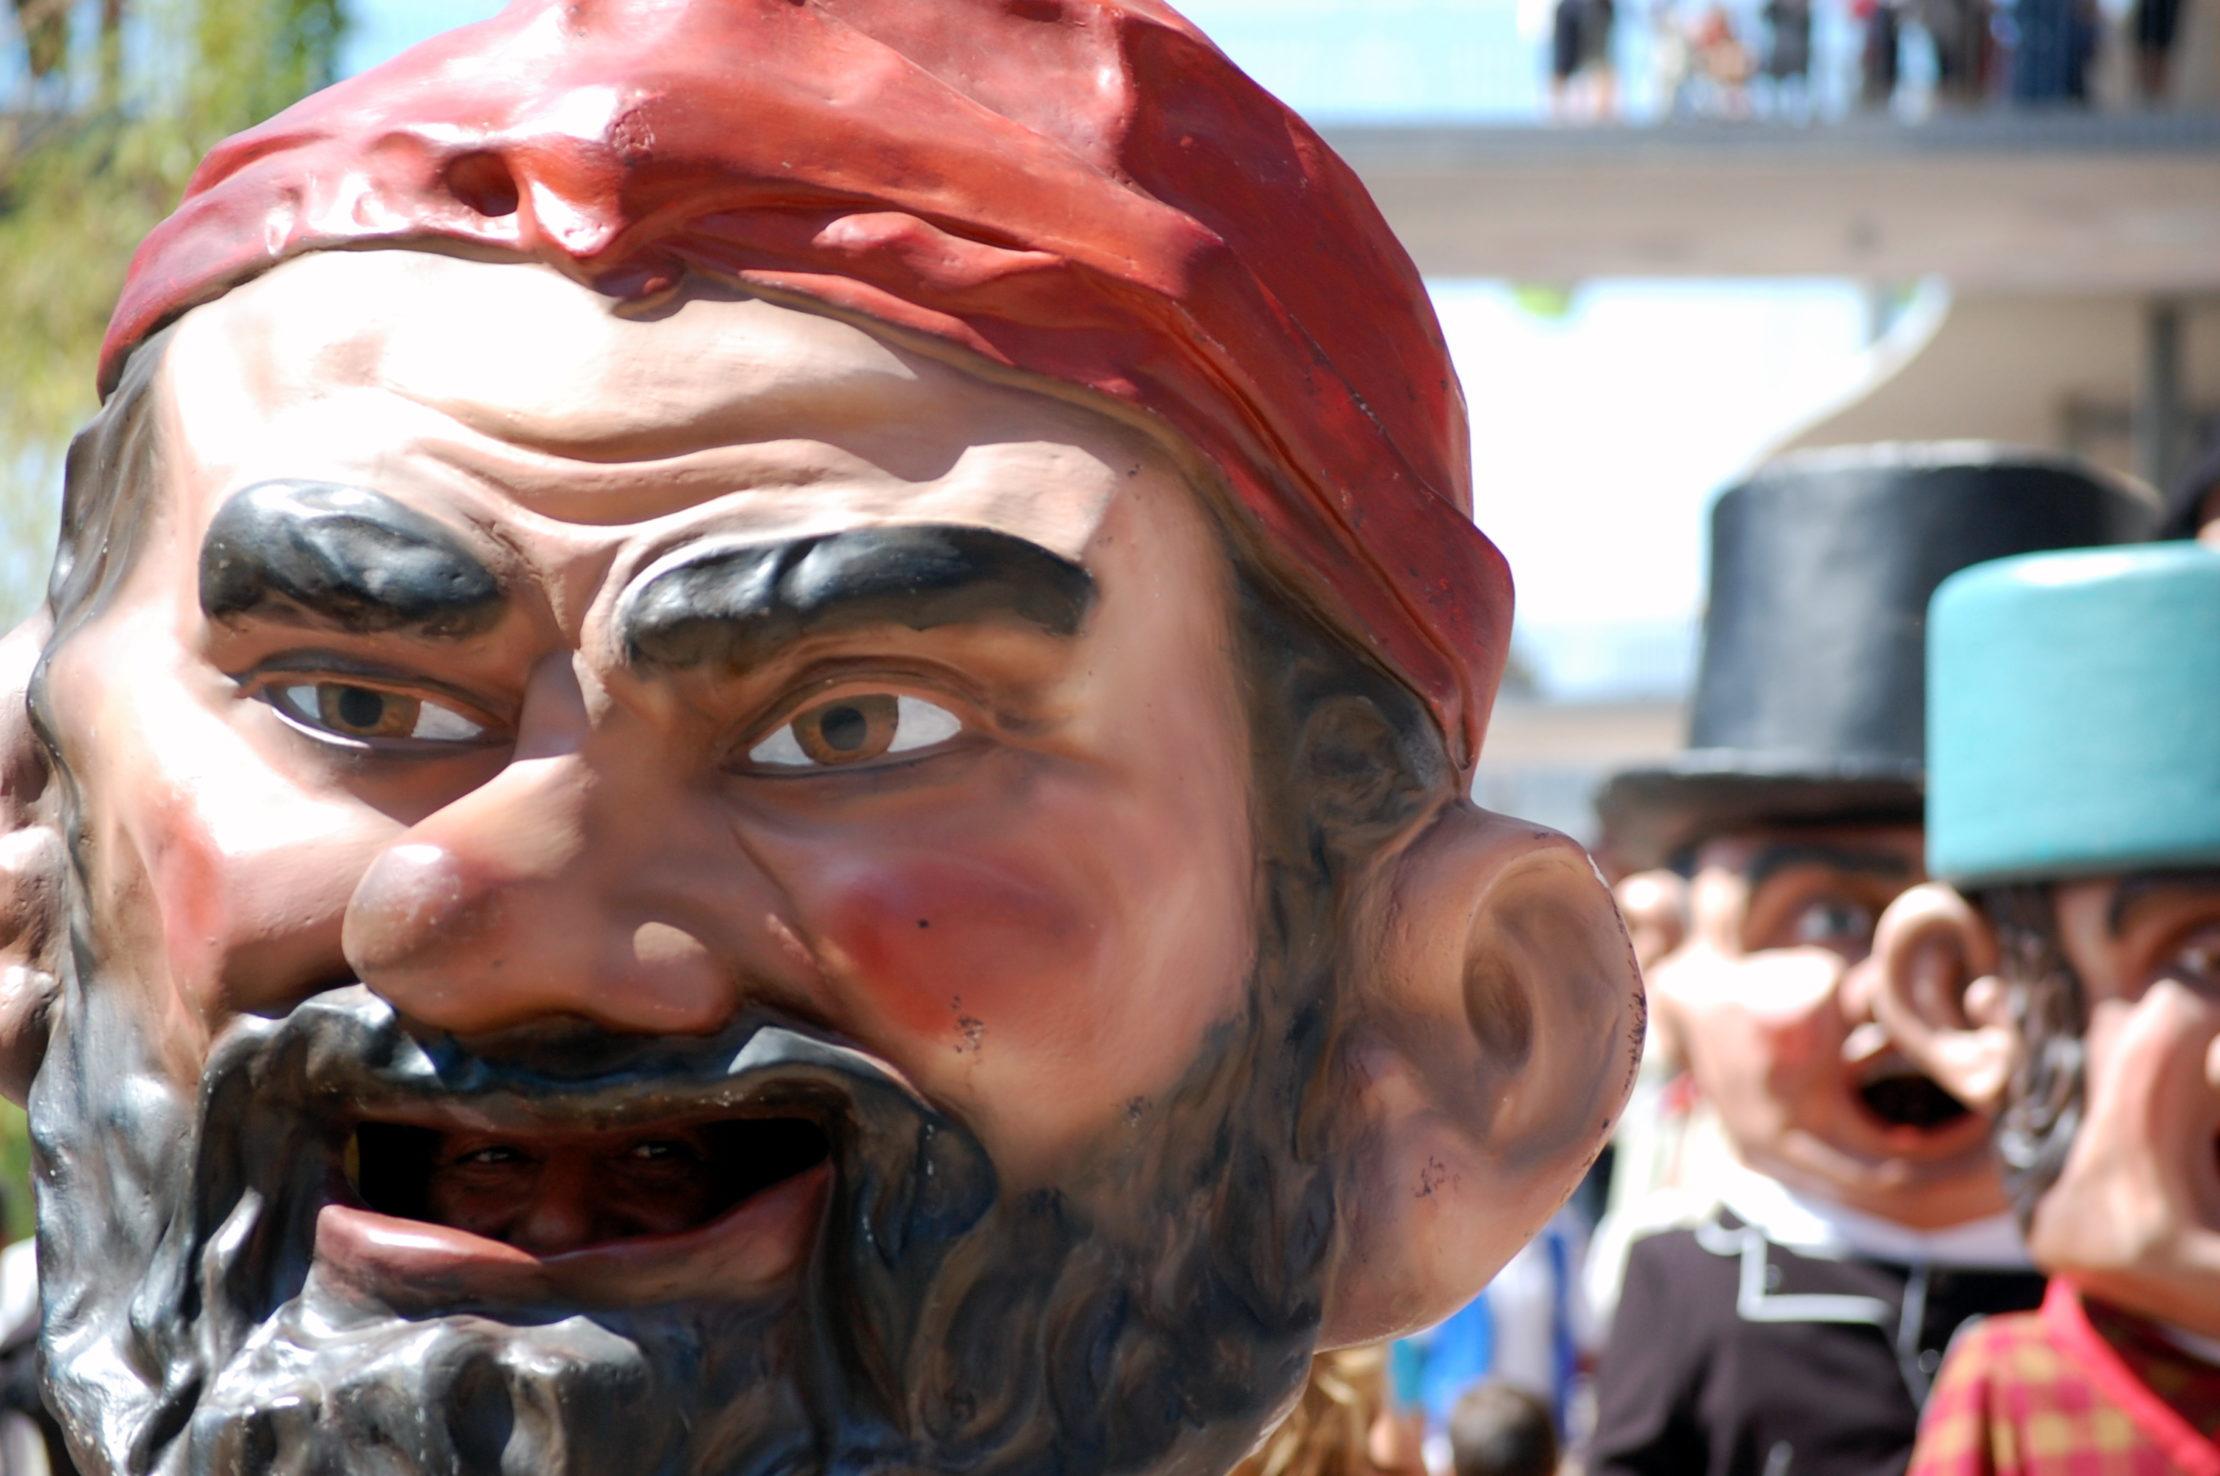 Comparsa de Cabezudos in Fiestas del Pilar